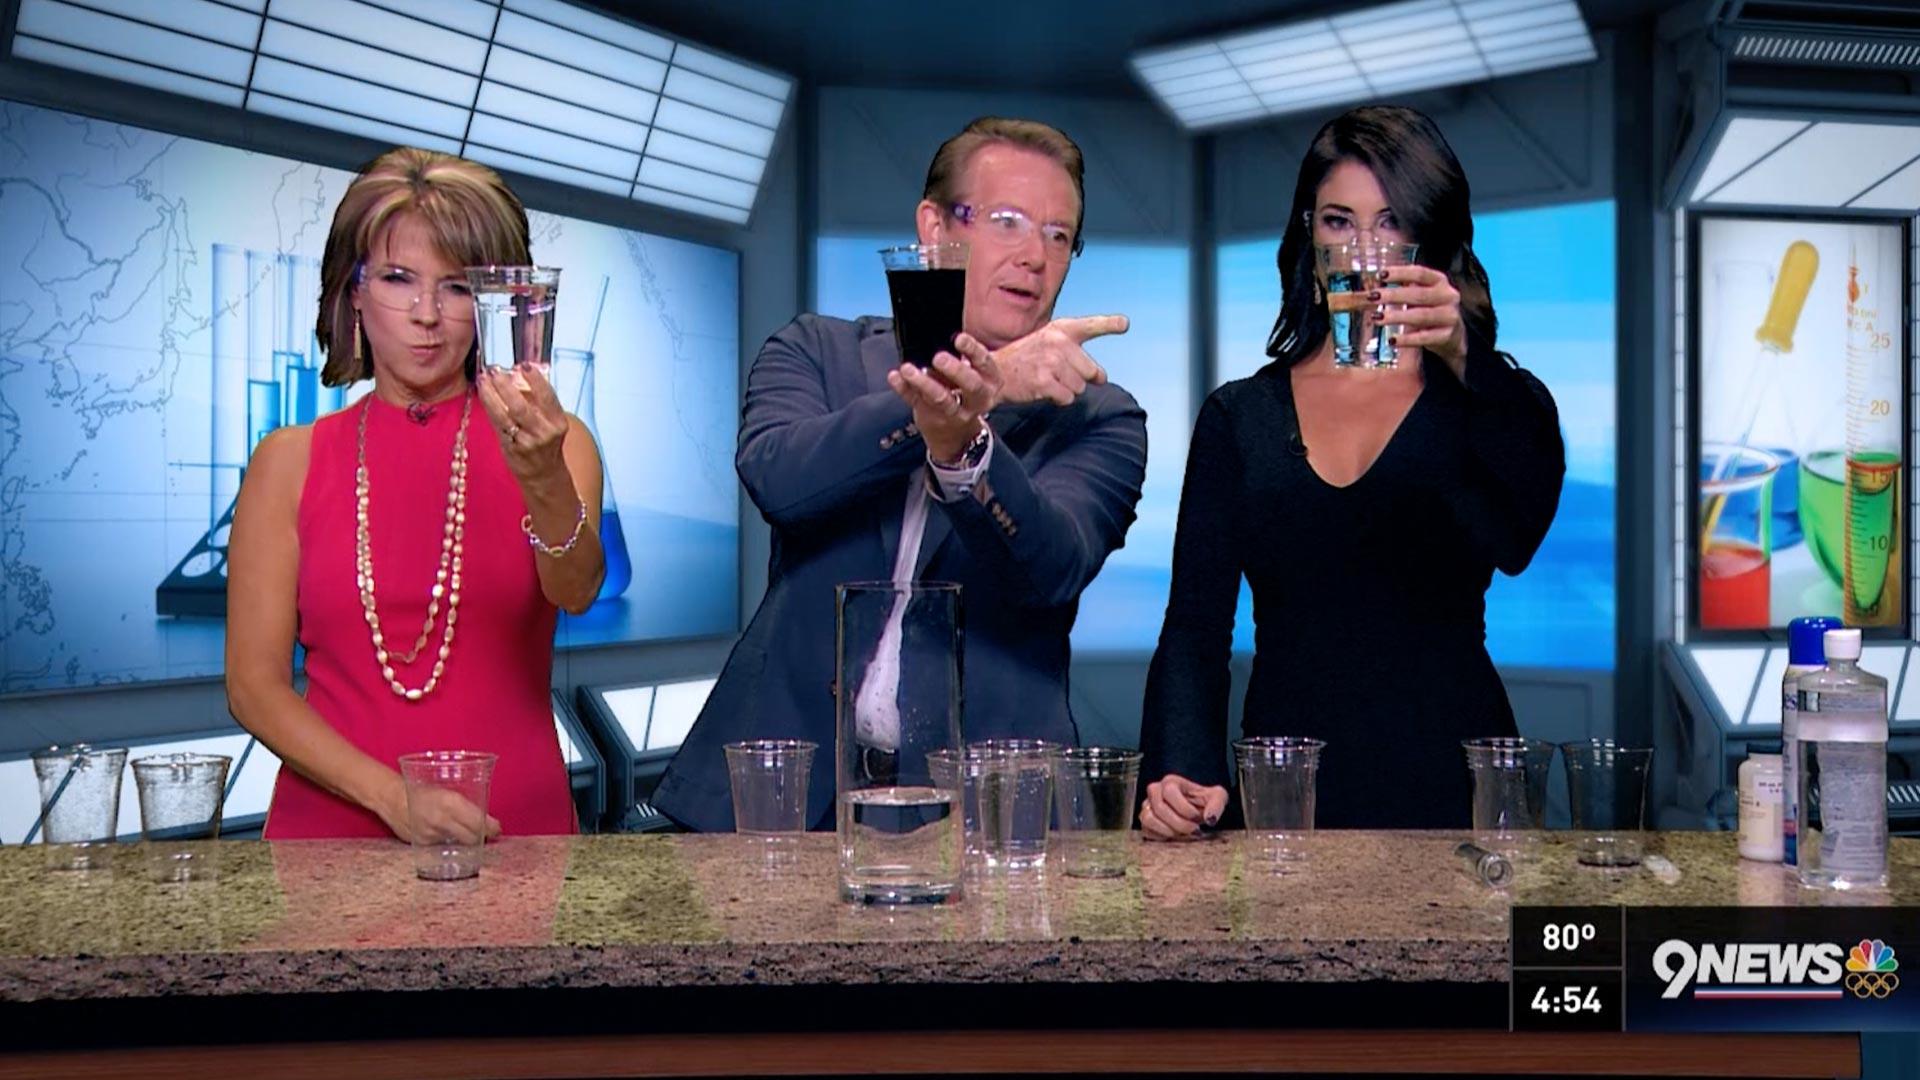 Steve Spangler's Chemical Magic on 9News